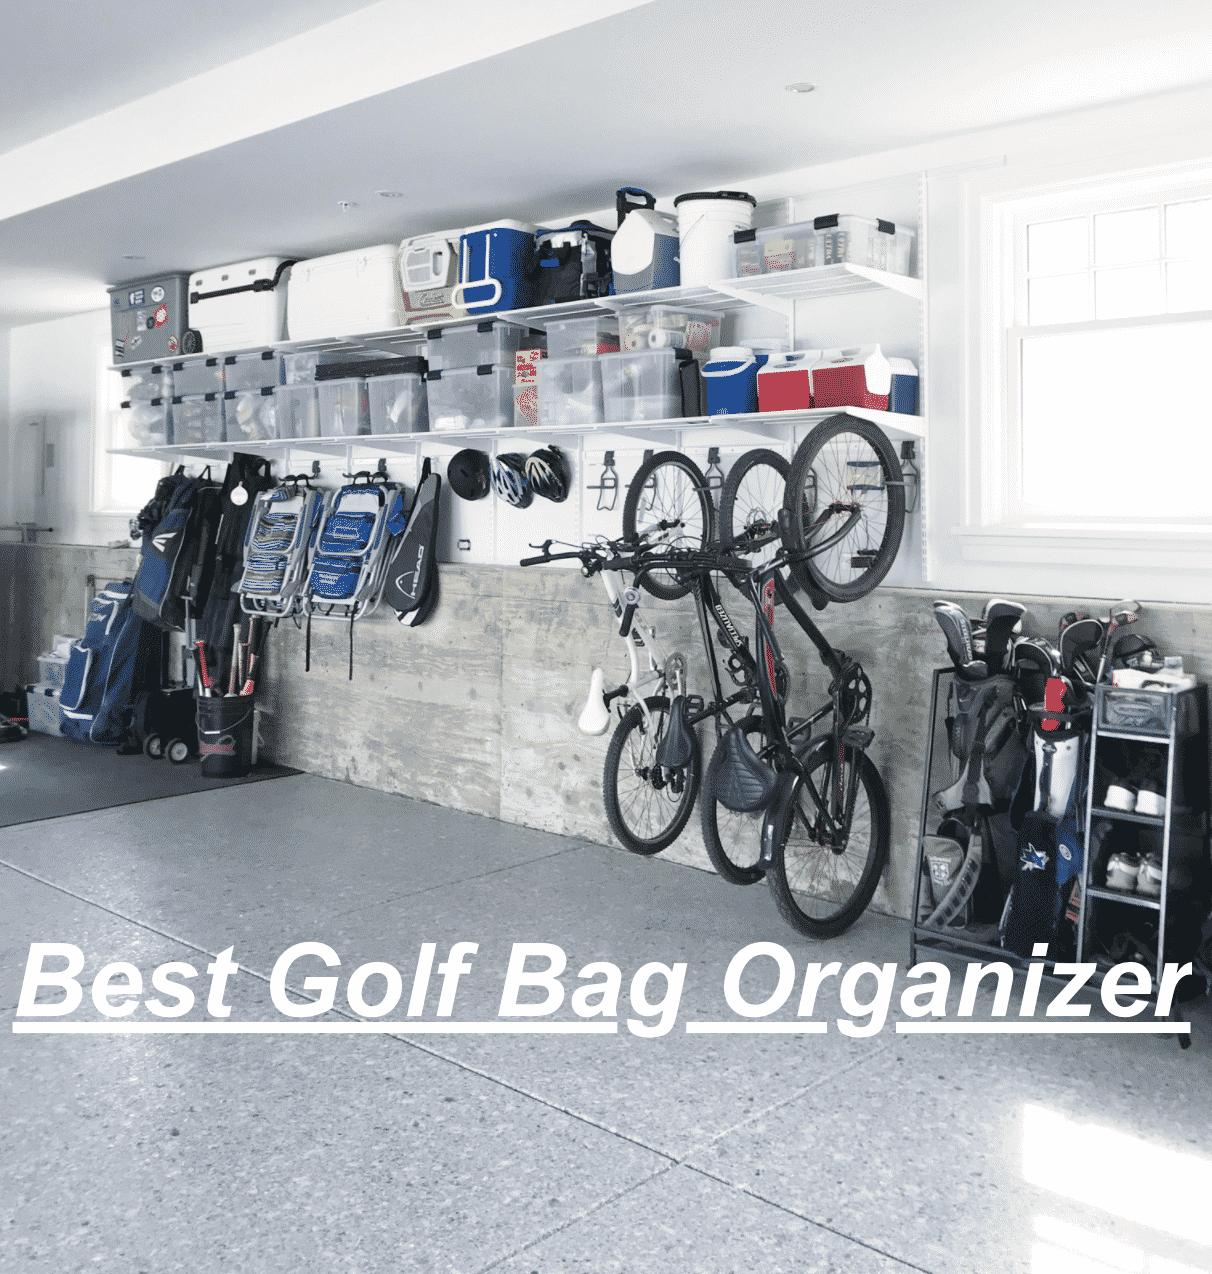 Best Golf bag organizer for garage